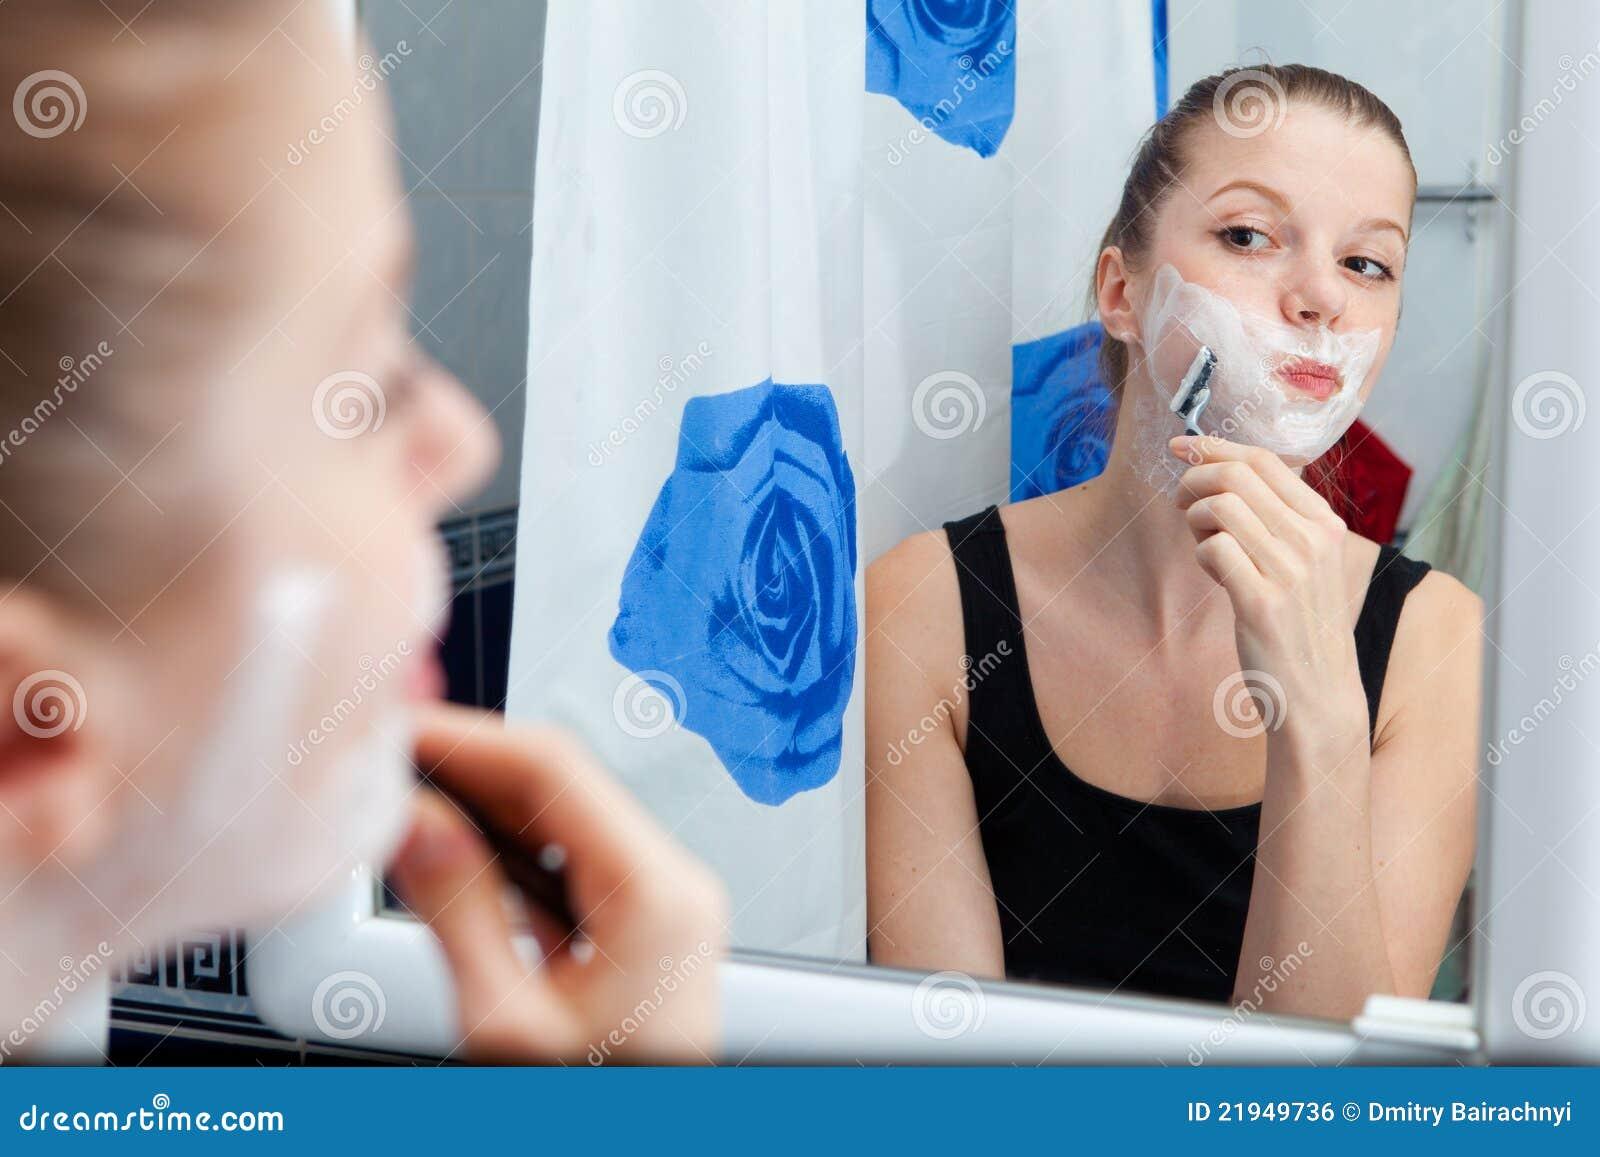 Fille rasant dans la salle de bains image libre de droits image 21949736 for Comfemme nue dans la salle de bain